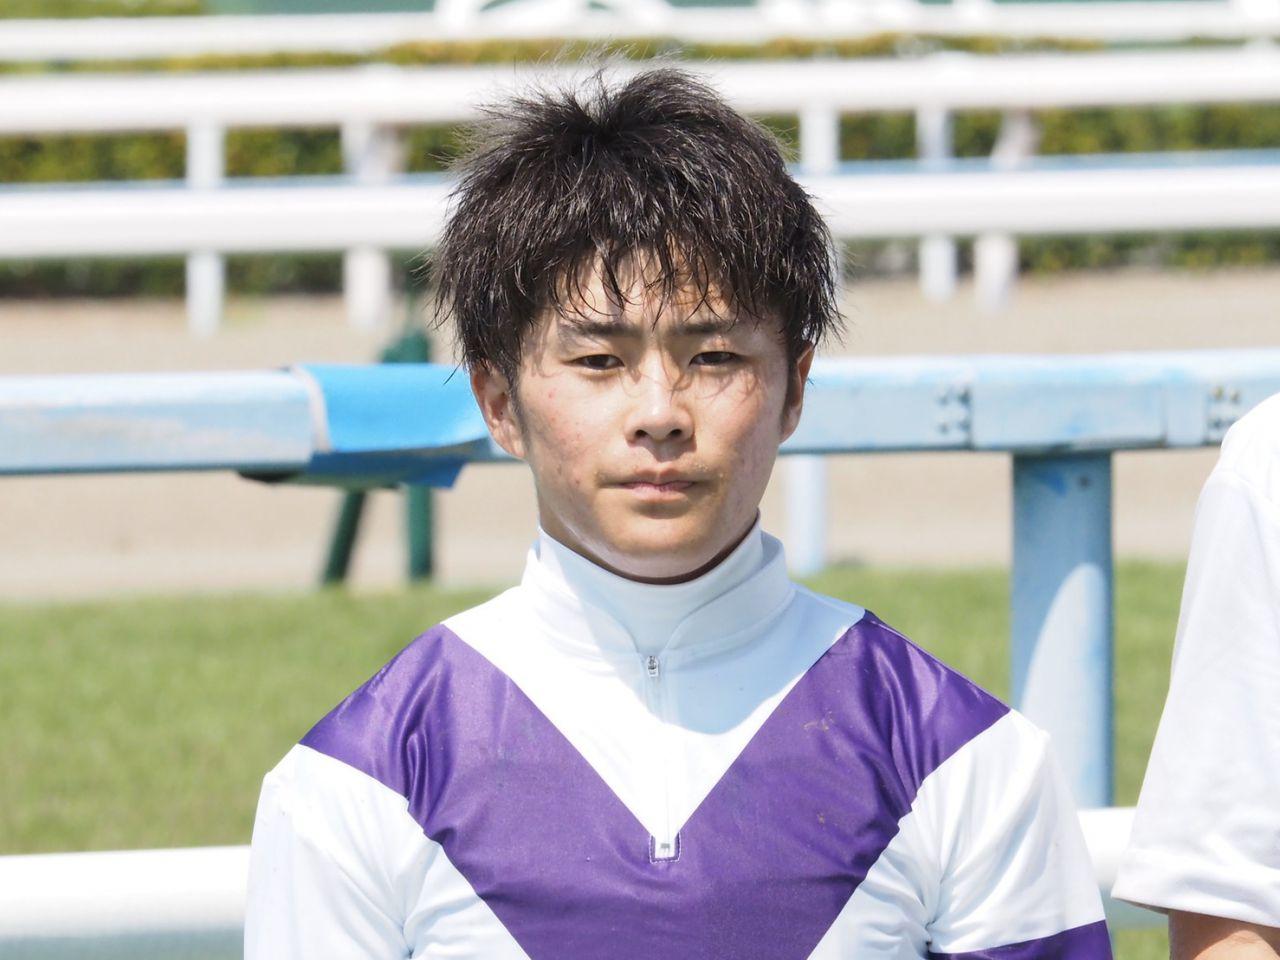 【ひめさゆり賞】12番人気のベレヌスが勝利で波乱!西村淳也騎手が好調